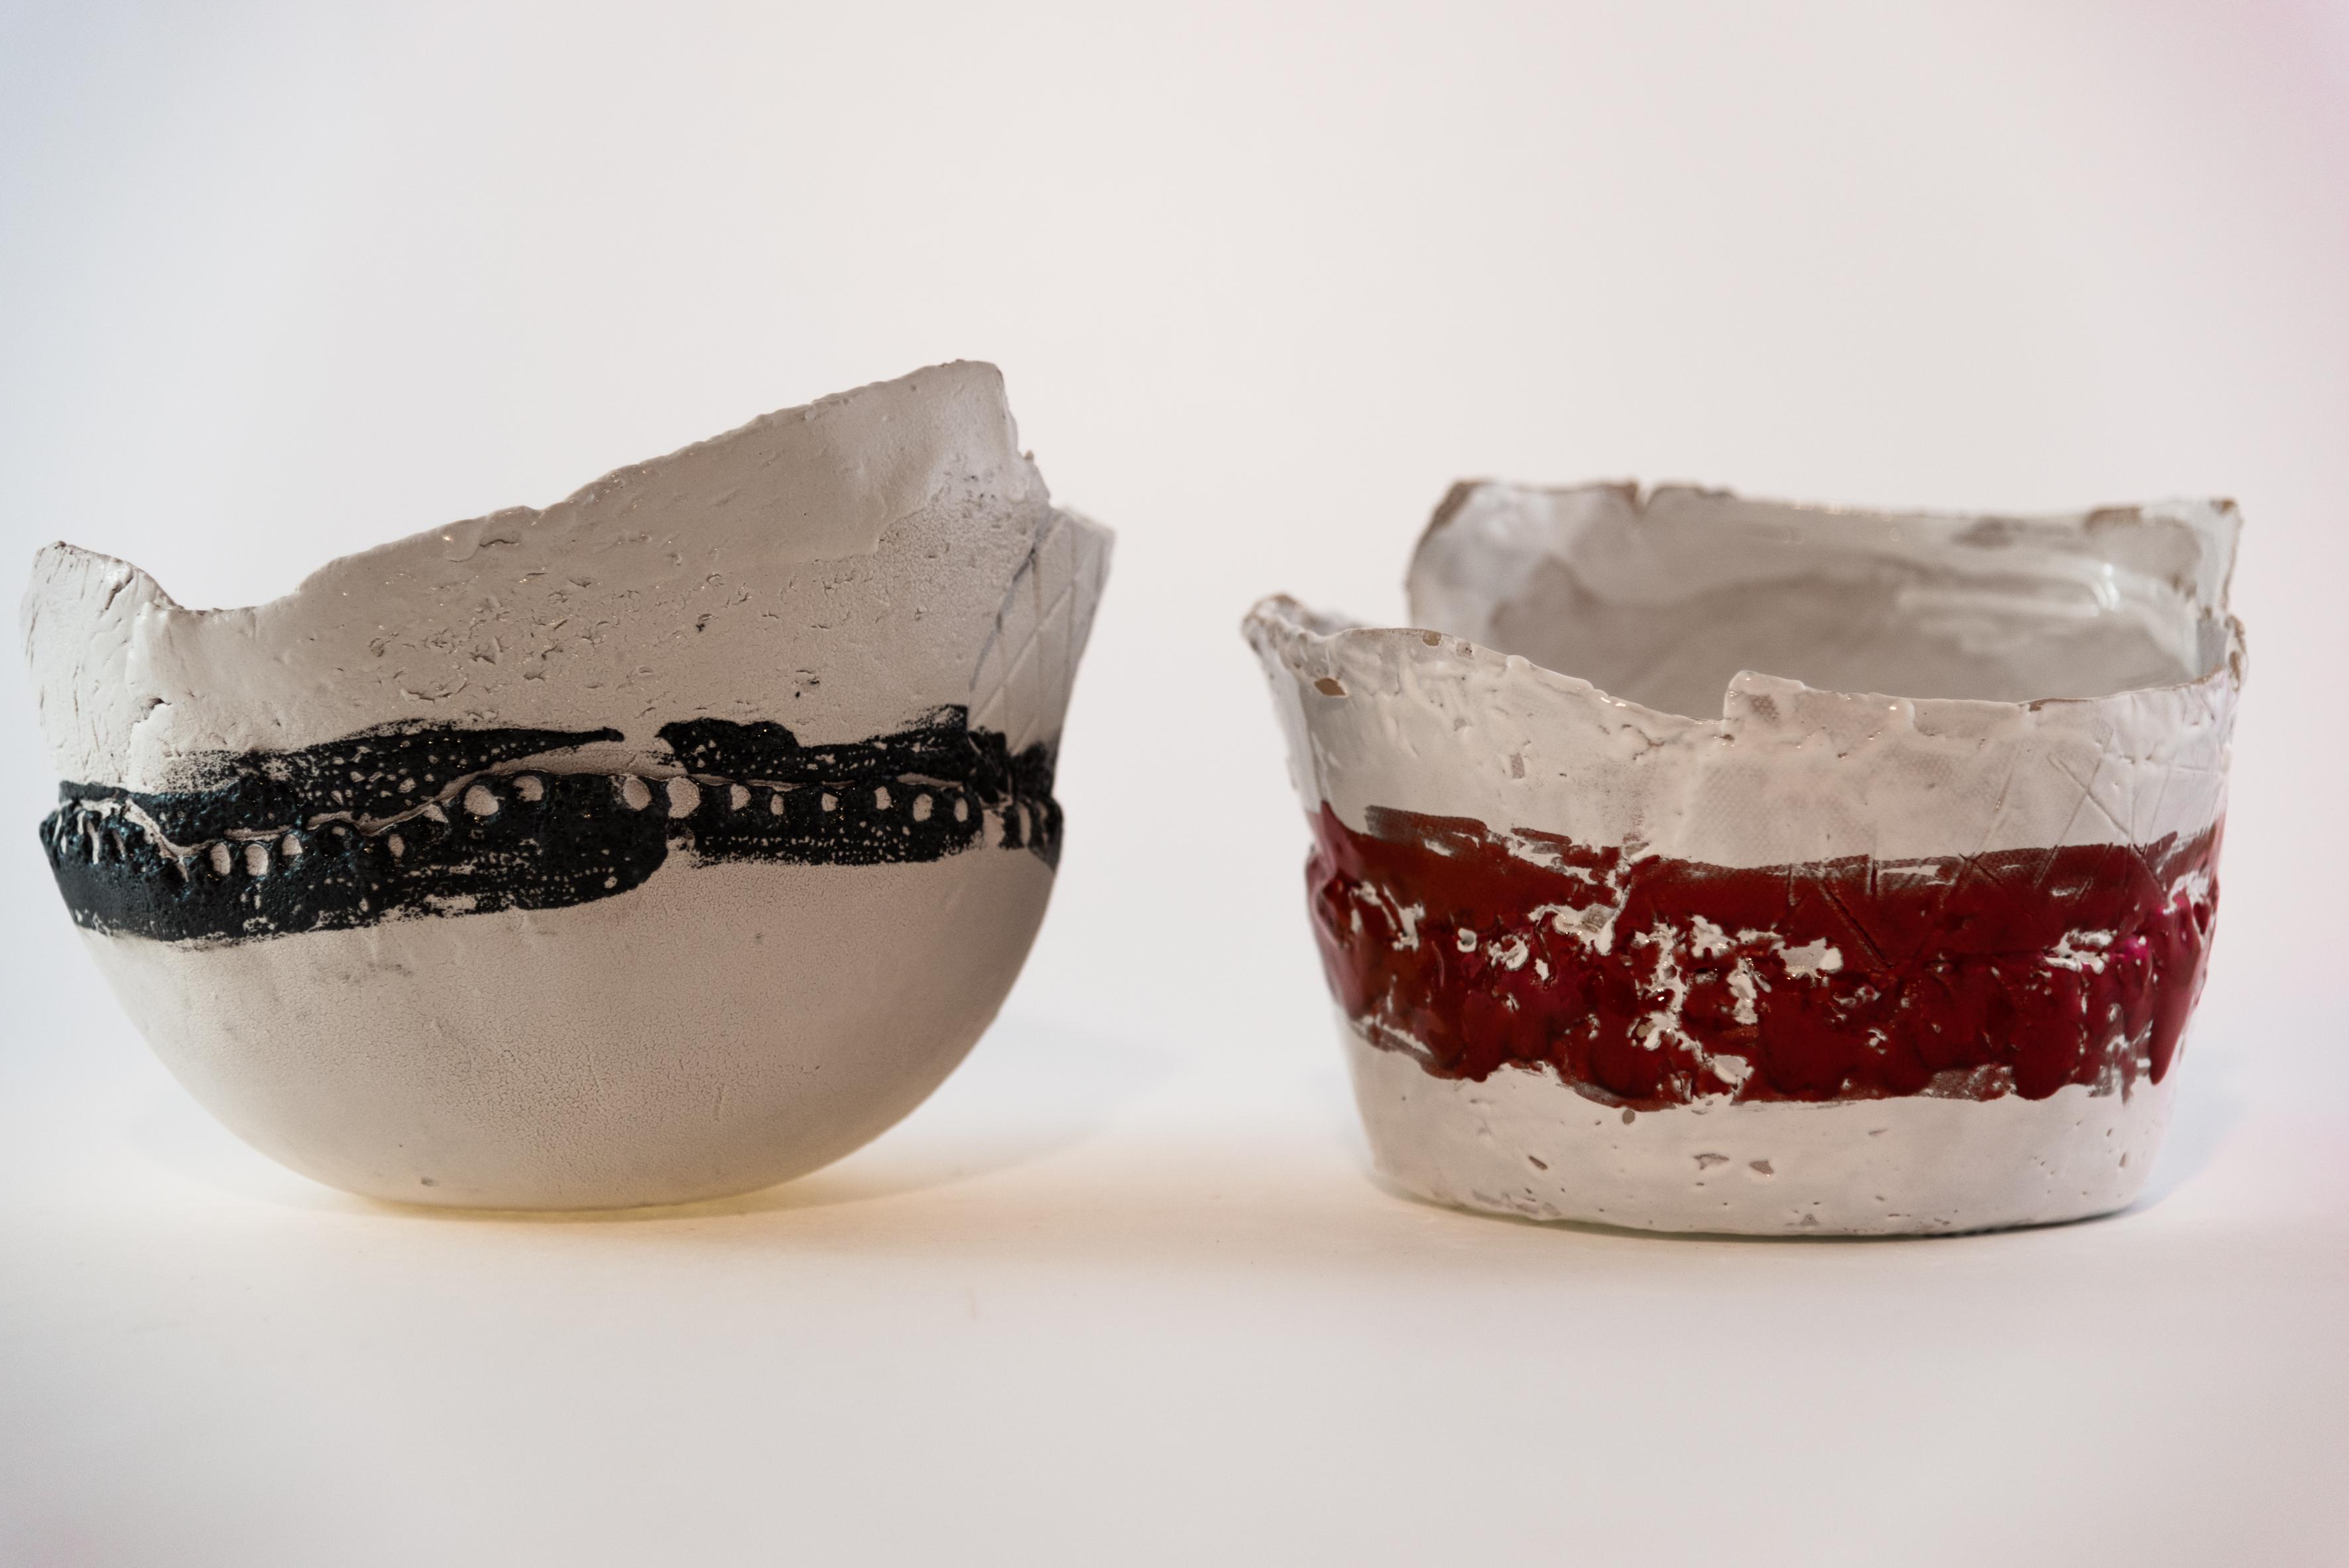 Ciotola in ceramica rossa e nera